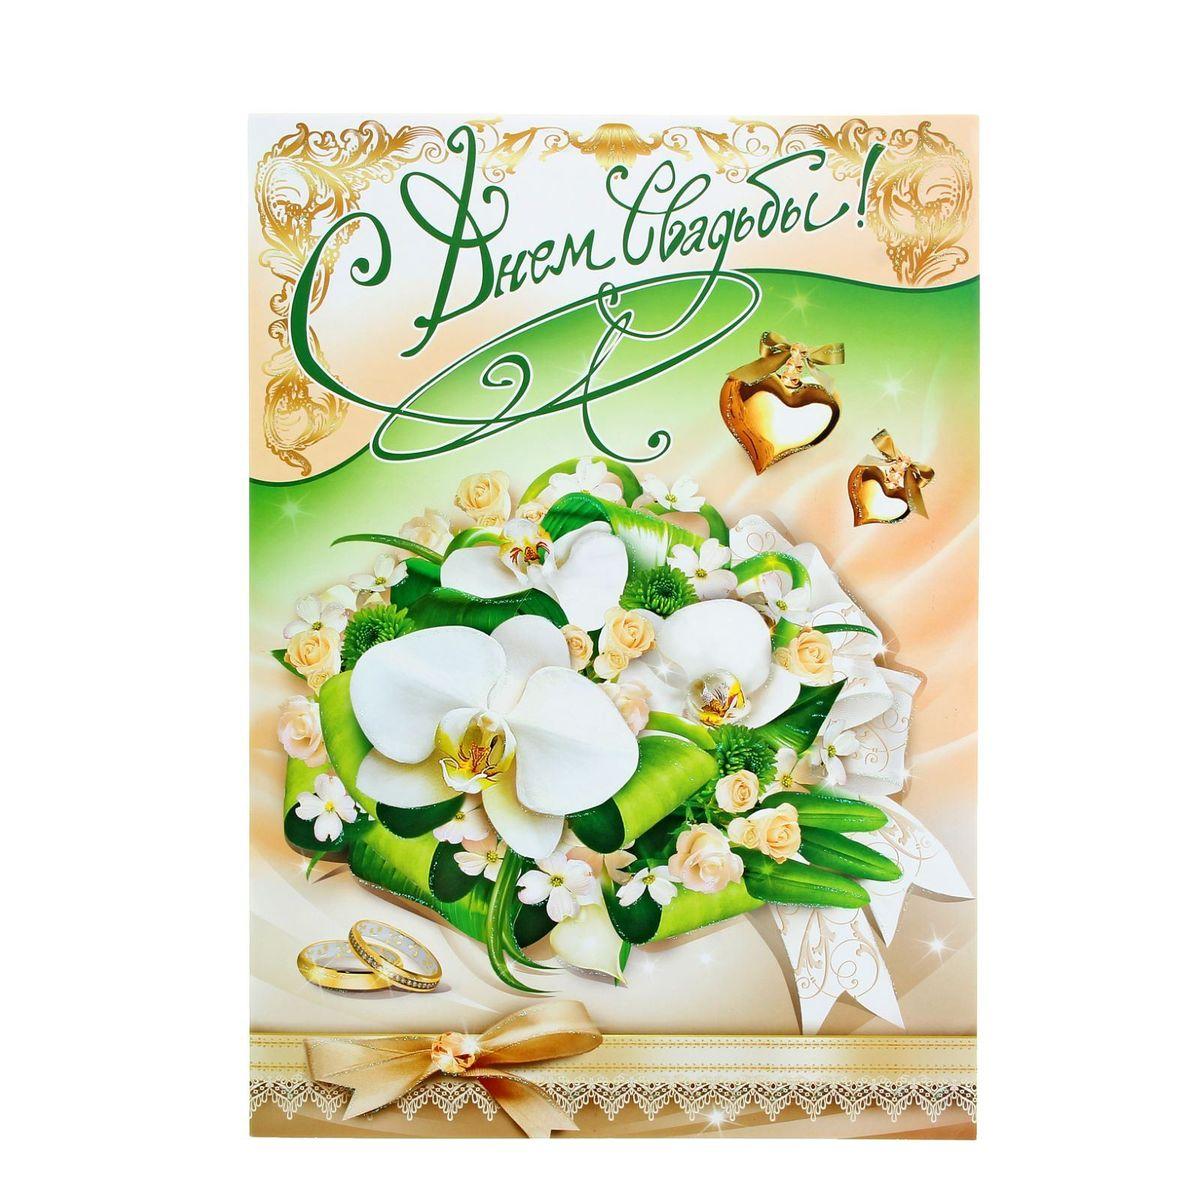 Эдельвейс Открытка сложнотехническая гигант С днем Свадьбы!, орхидеи, кольца1148719Если вы хотите порадовать себя или близких, создать праздничное настроение и с улыбкой провести памятный день, то вы, несомненно, сделали правильный выбор! Товар Открытка отличается не только оригинальным дизайном, но и высоким качеством.